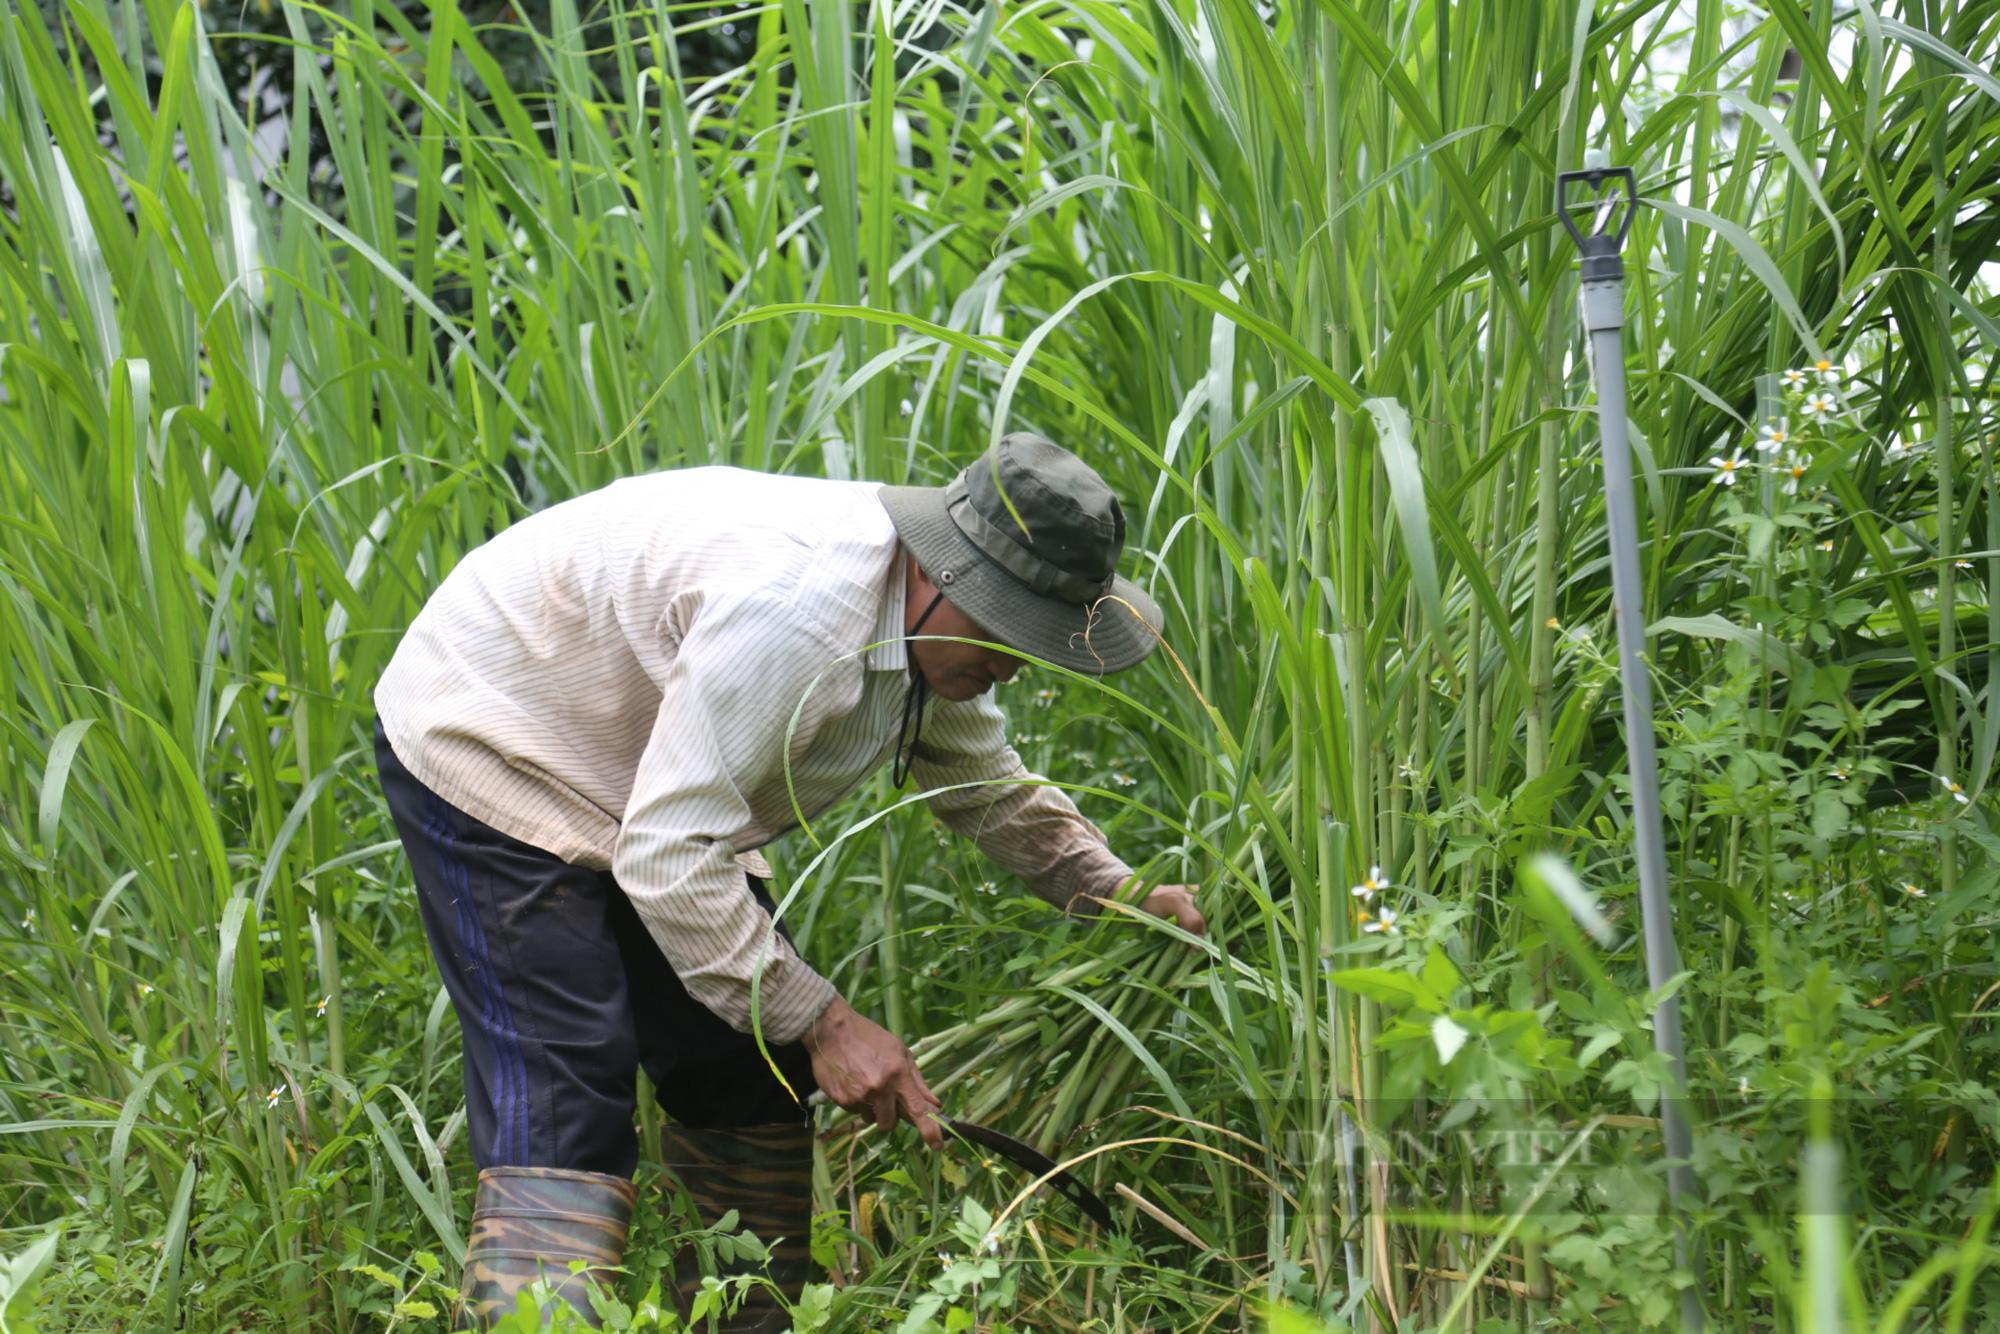 Đắk Lắk: Bỏ phố về quê nuôi con tai dài lấy sữa, thu gần 1 tỷ đồng/năm - Ảnh 3.